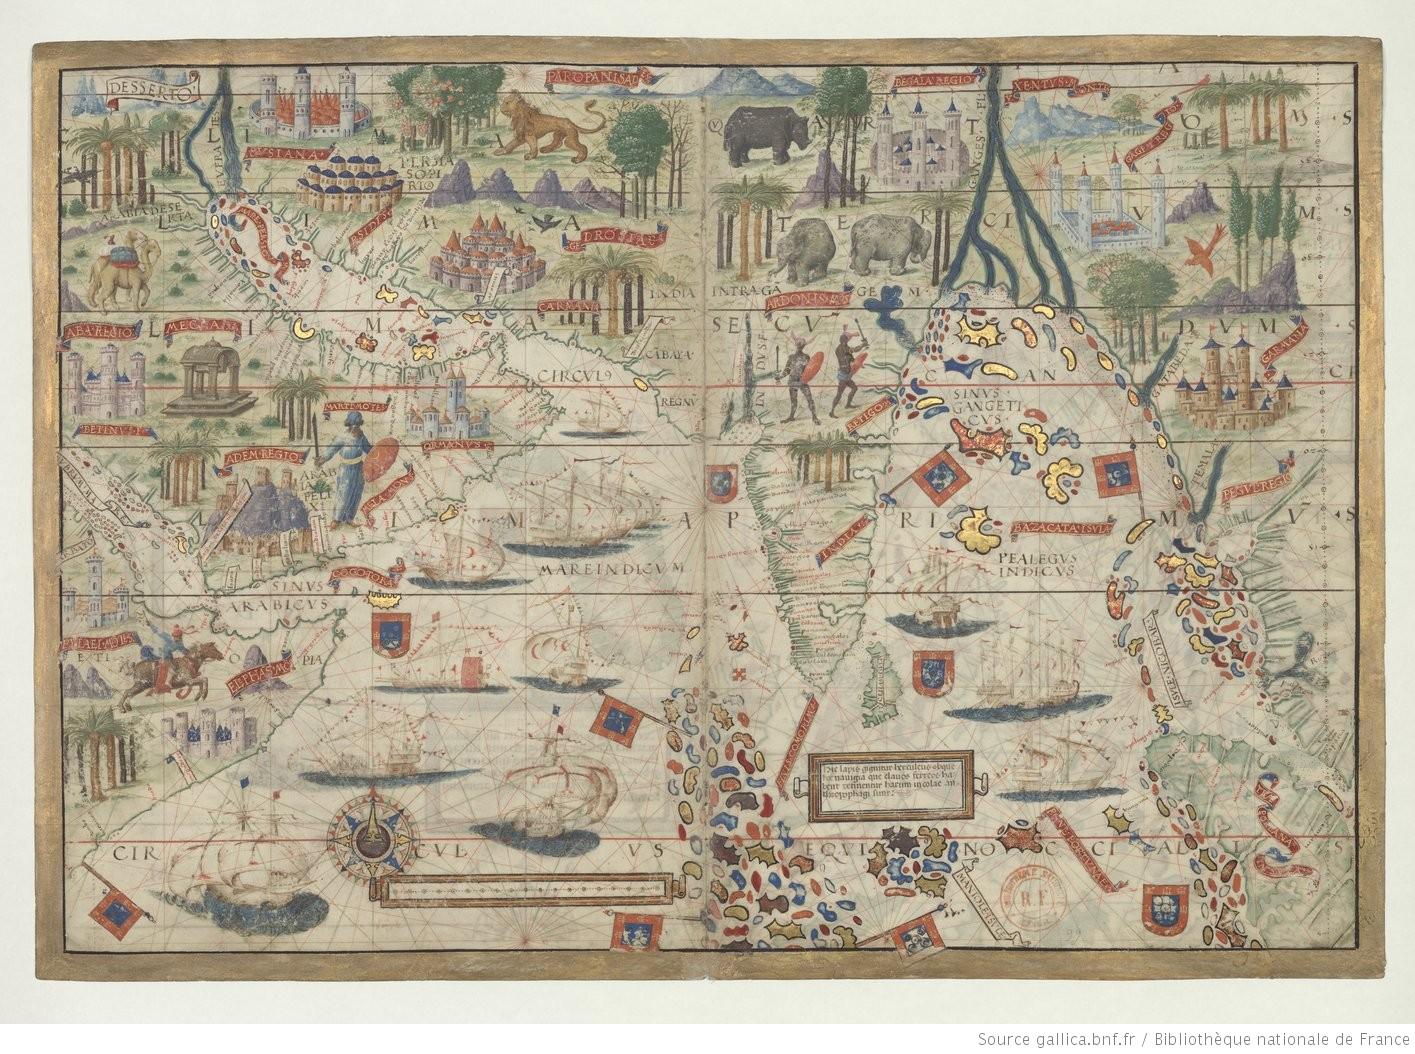 Pedro et Jorge Reinel, Lopo Homem, Atlas nautique du monde, dit Atlas Miller (1519)